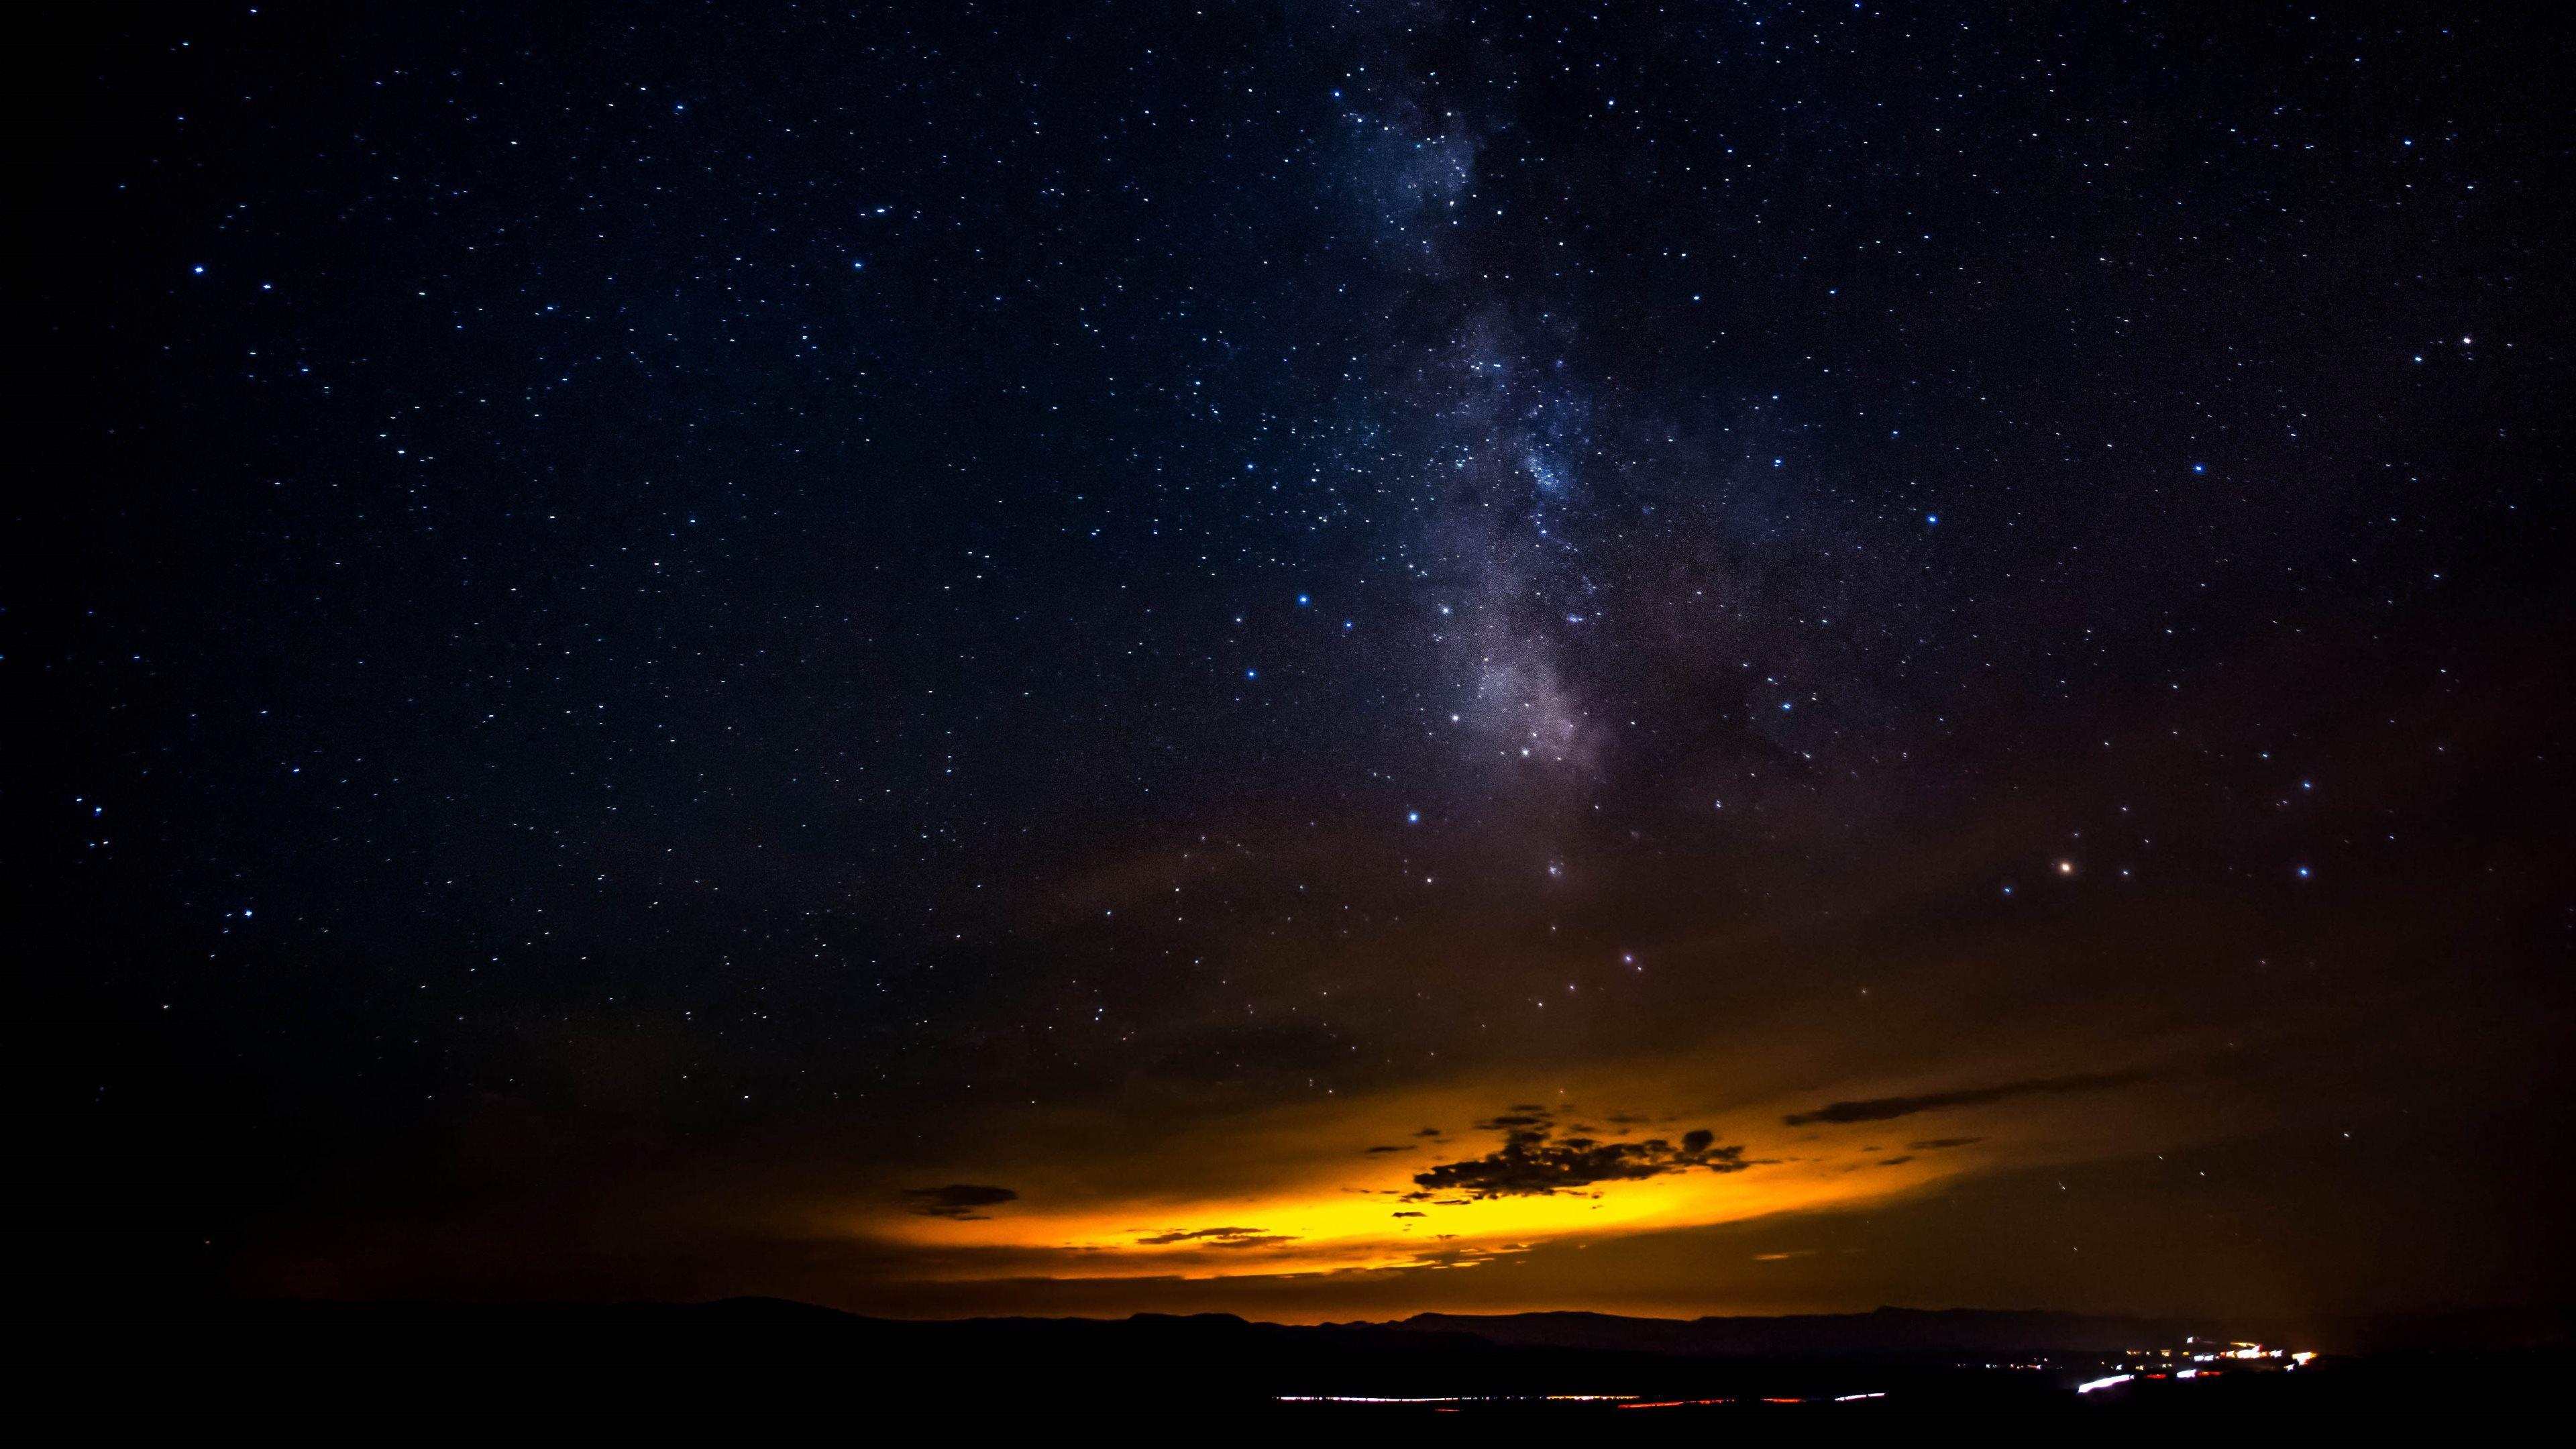 Wallpapers del universo[4k] Noche magica, Astronomía, Noche